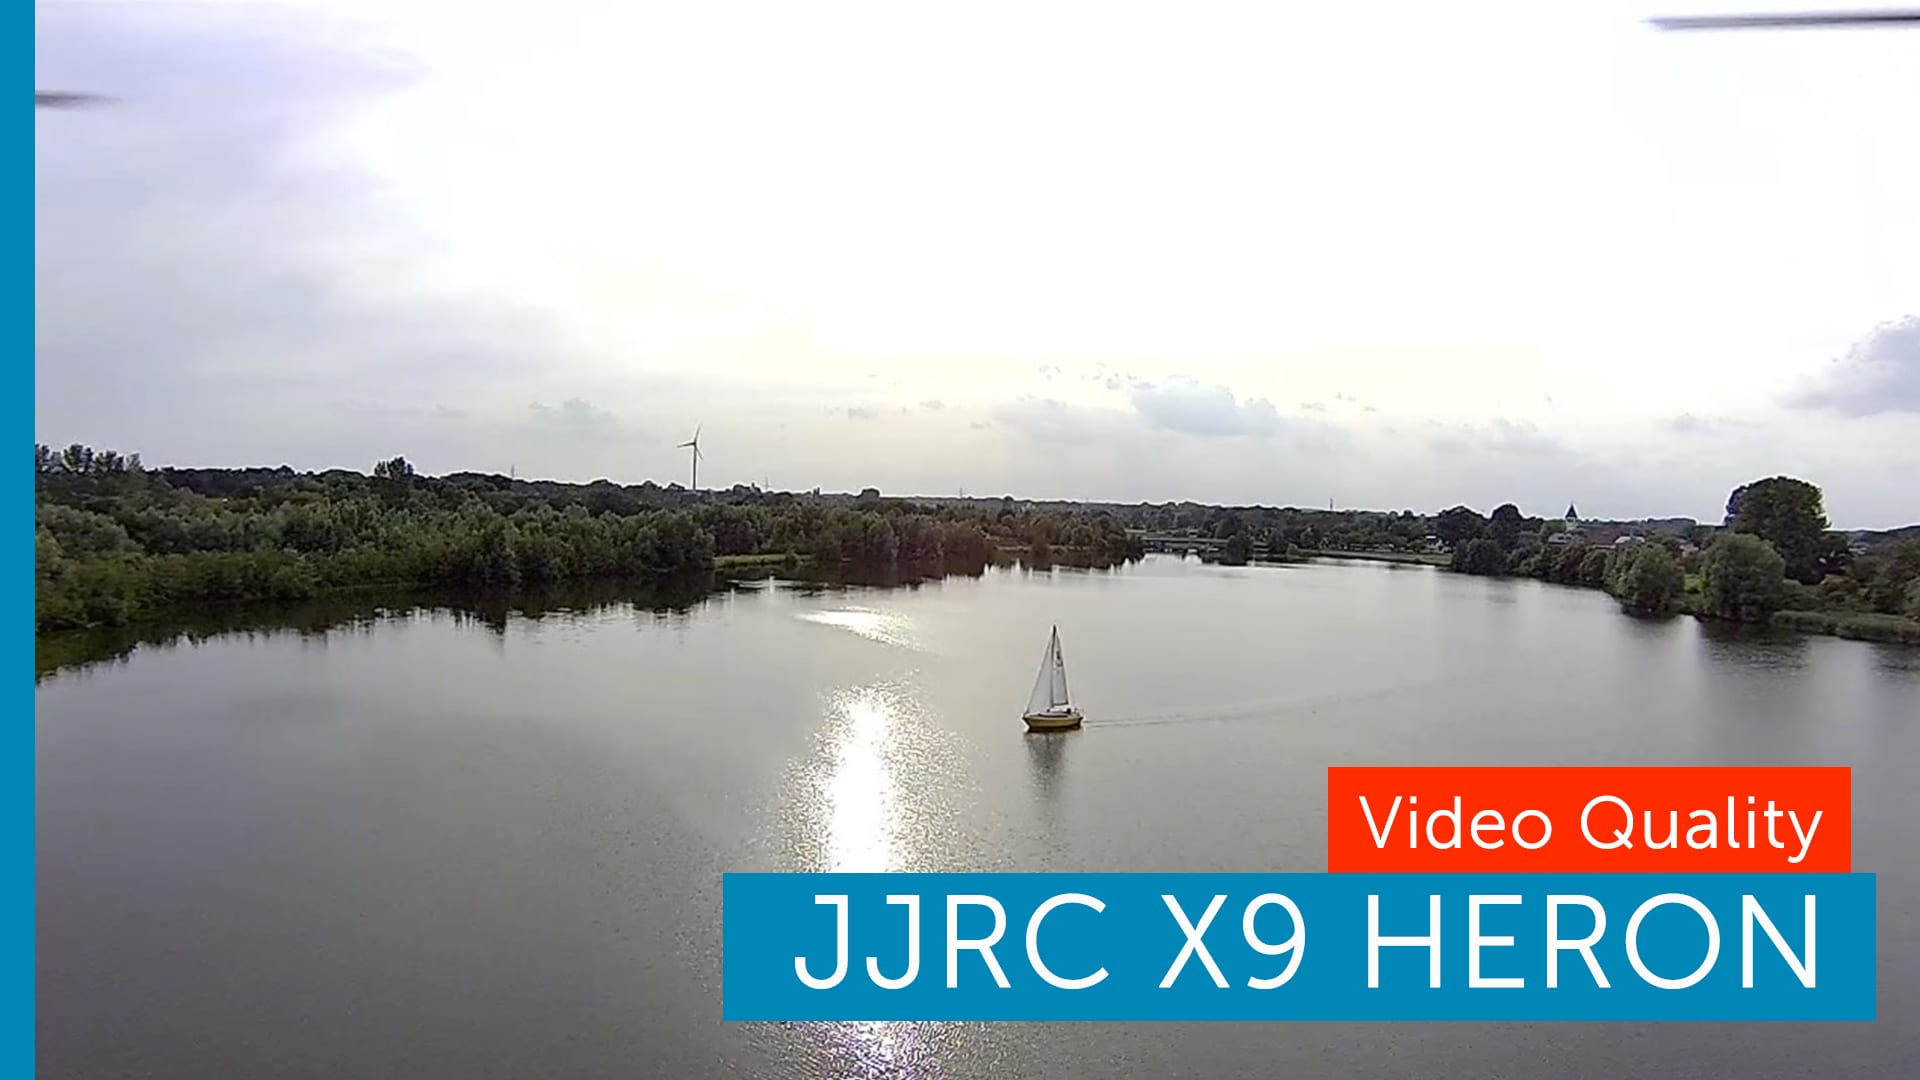 JJRC X9 Heron 1080p GPS Gimbal Drohne